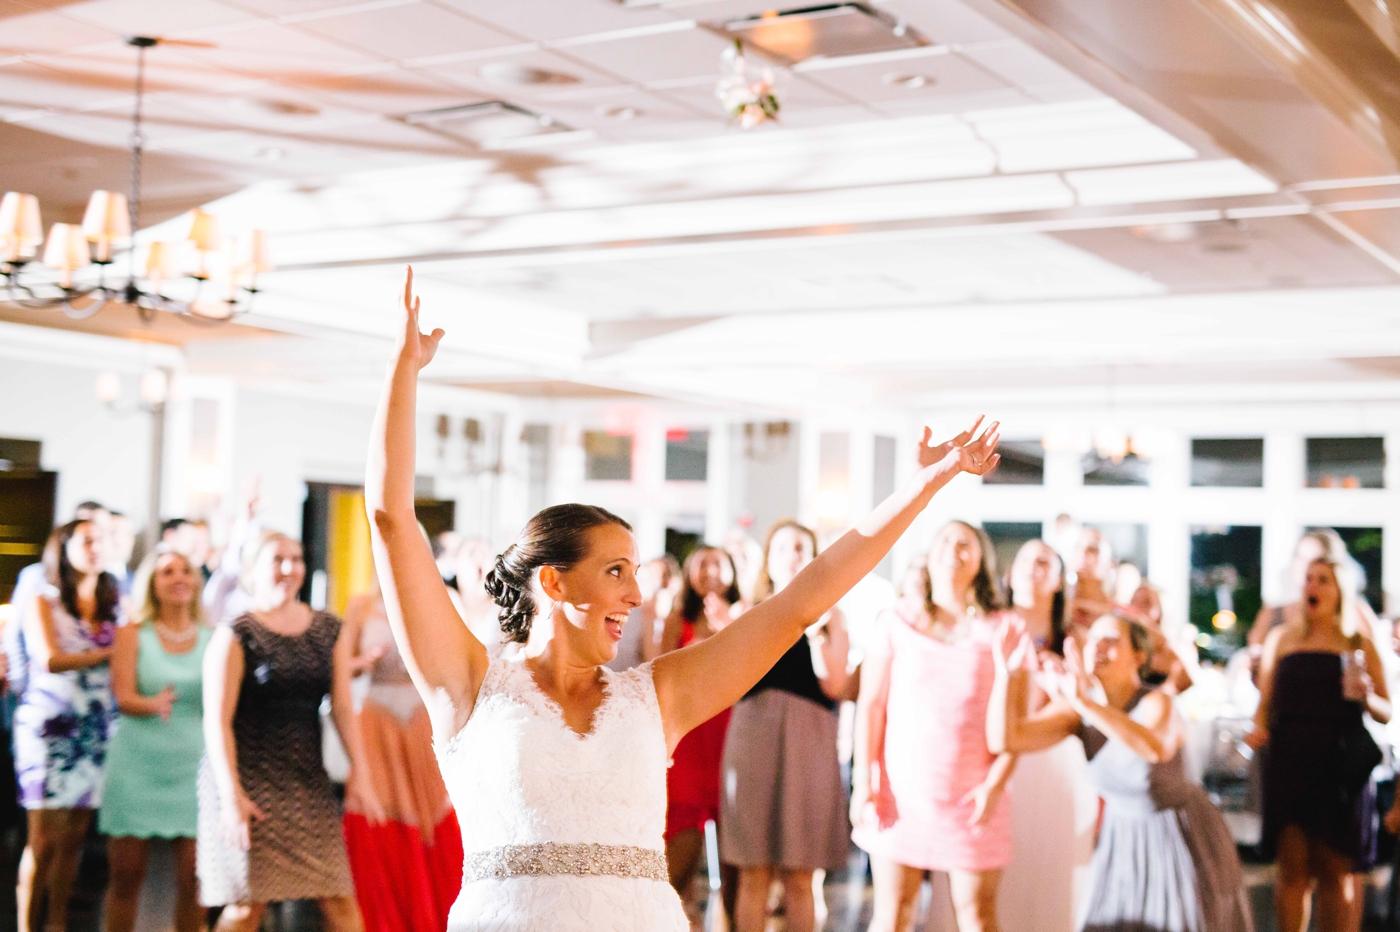 chicago-fine-art-wedding-photography-neuendank46